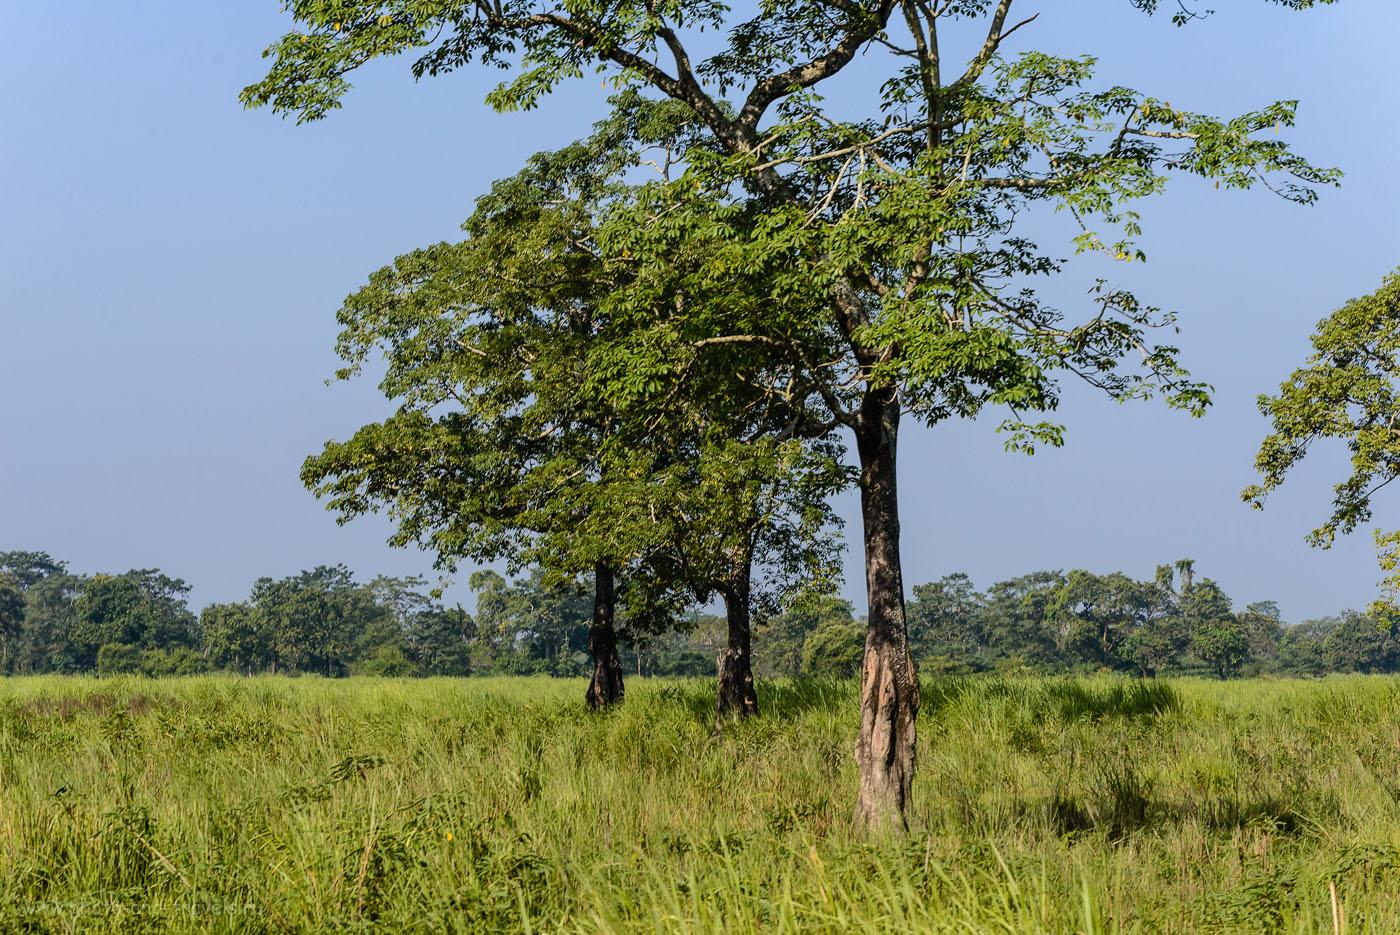 Фото 25. В заповеднике Казиранга слишком высокая трава. 1/400, -0.33, 9.0, 200, 116.